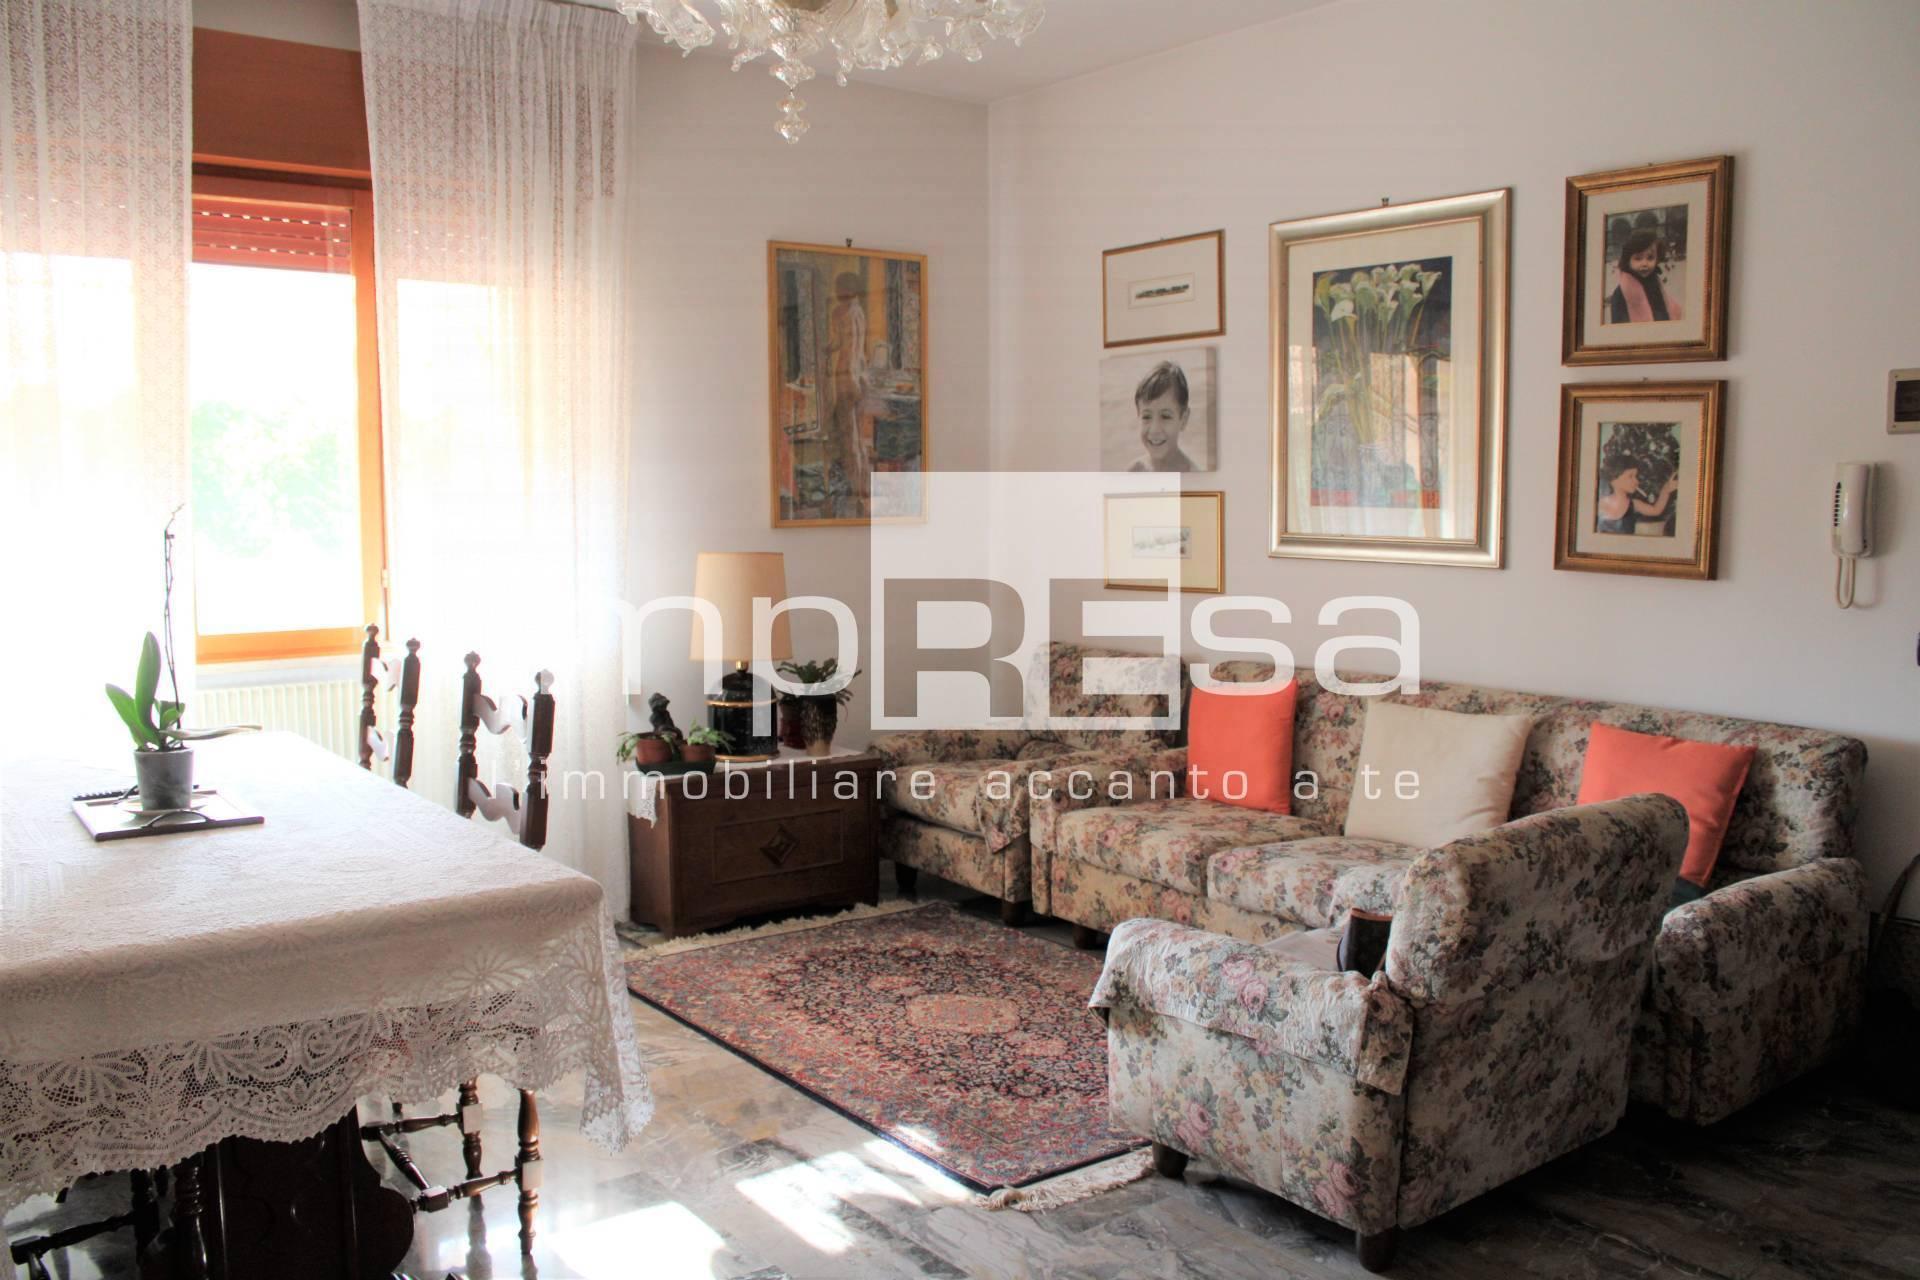 Appartamento in vendita a Mogliano Veneto, 7 locali, prezzo € 149.000   PortaleAgenzieImmobiliari.it